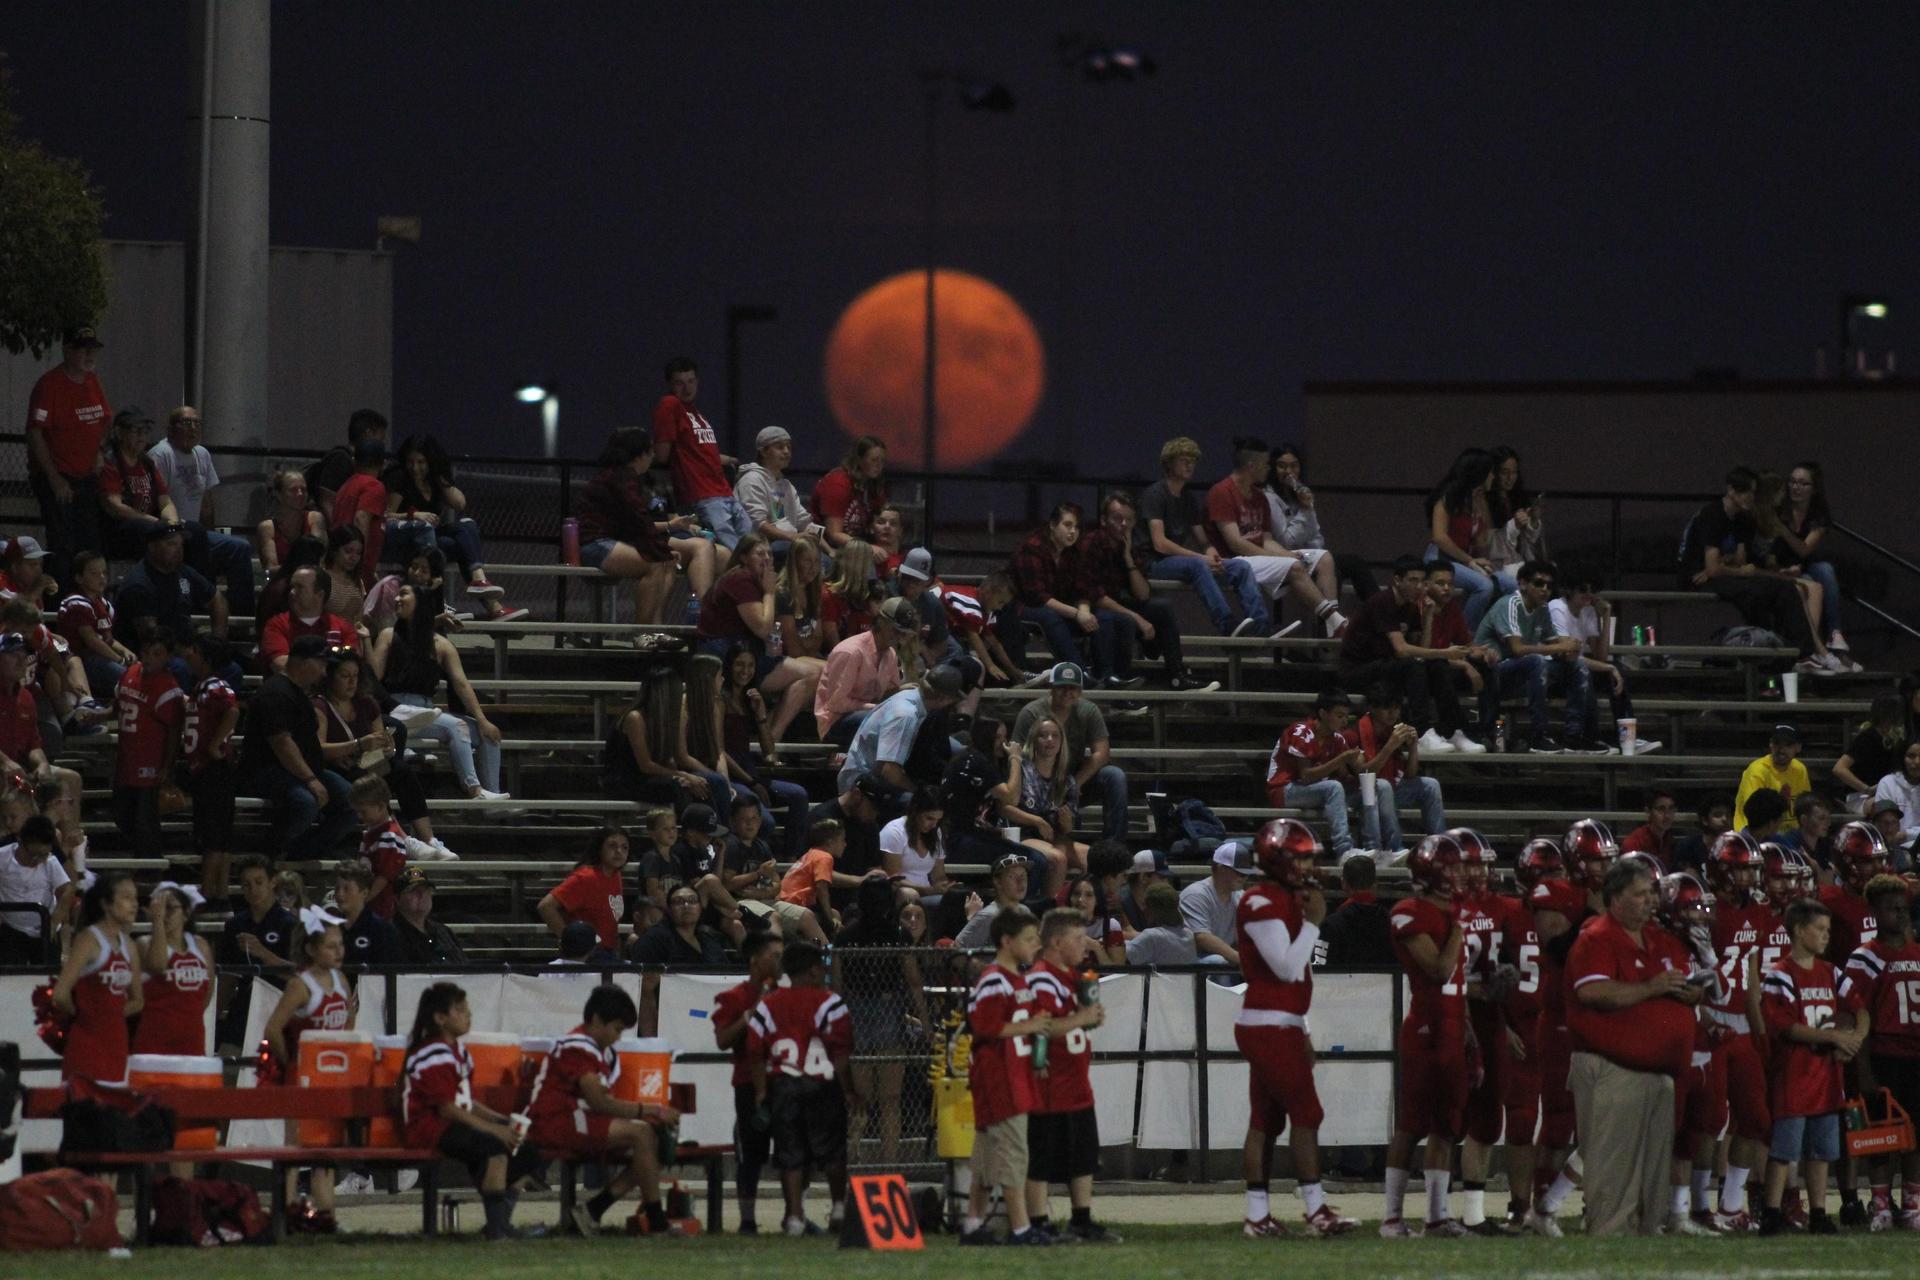 moonrise over the stadium